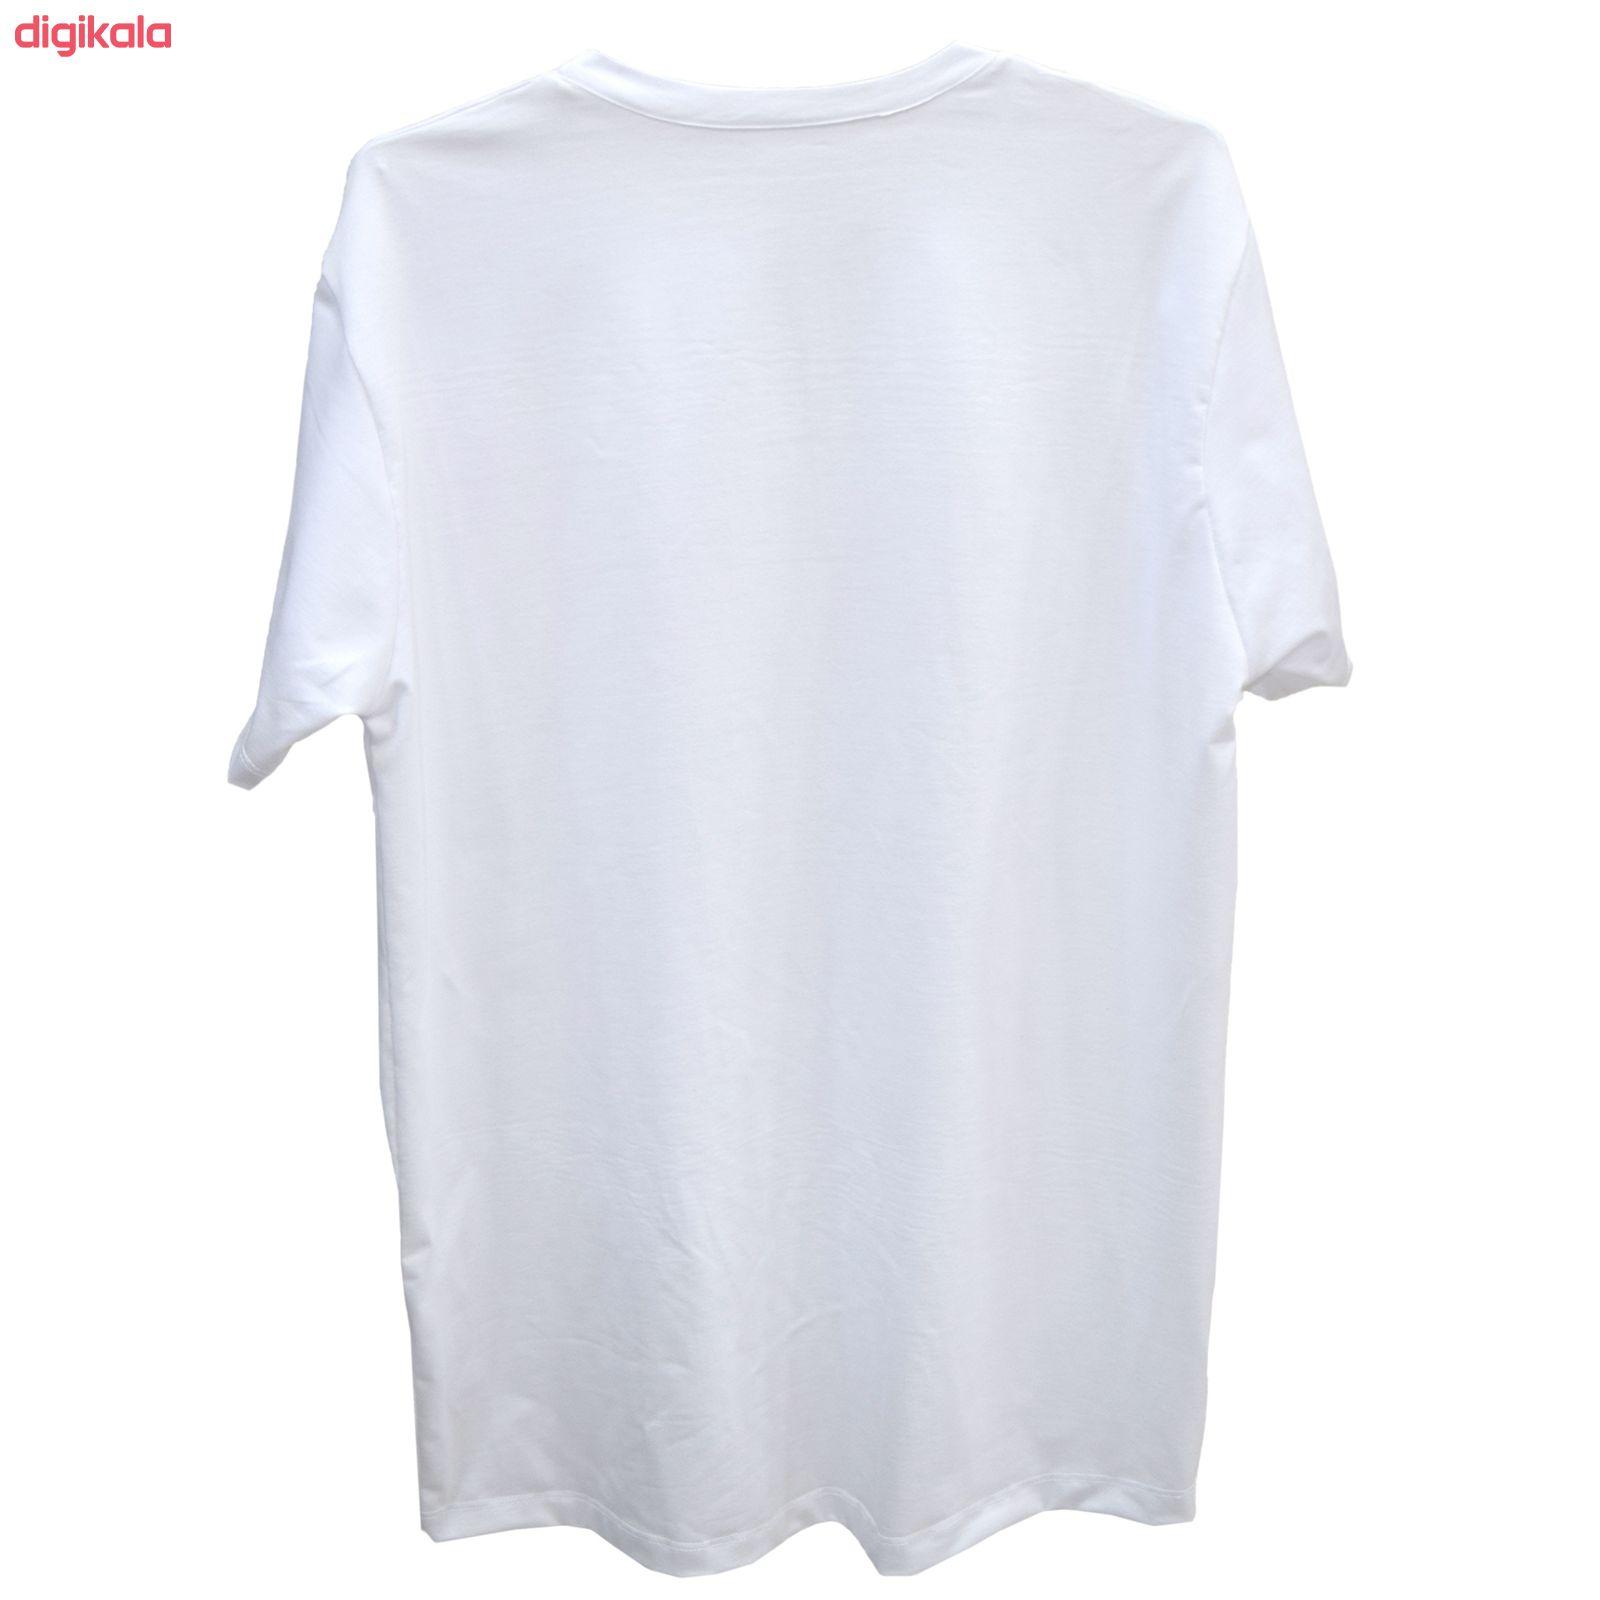 تی شرت آستین کوتاه زنانه طرح فرندز کد Z84 main 1 1